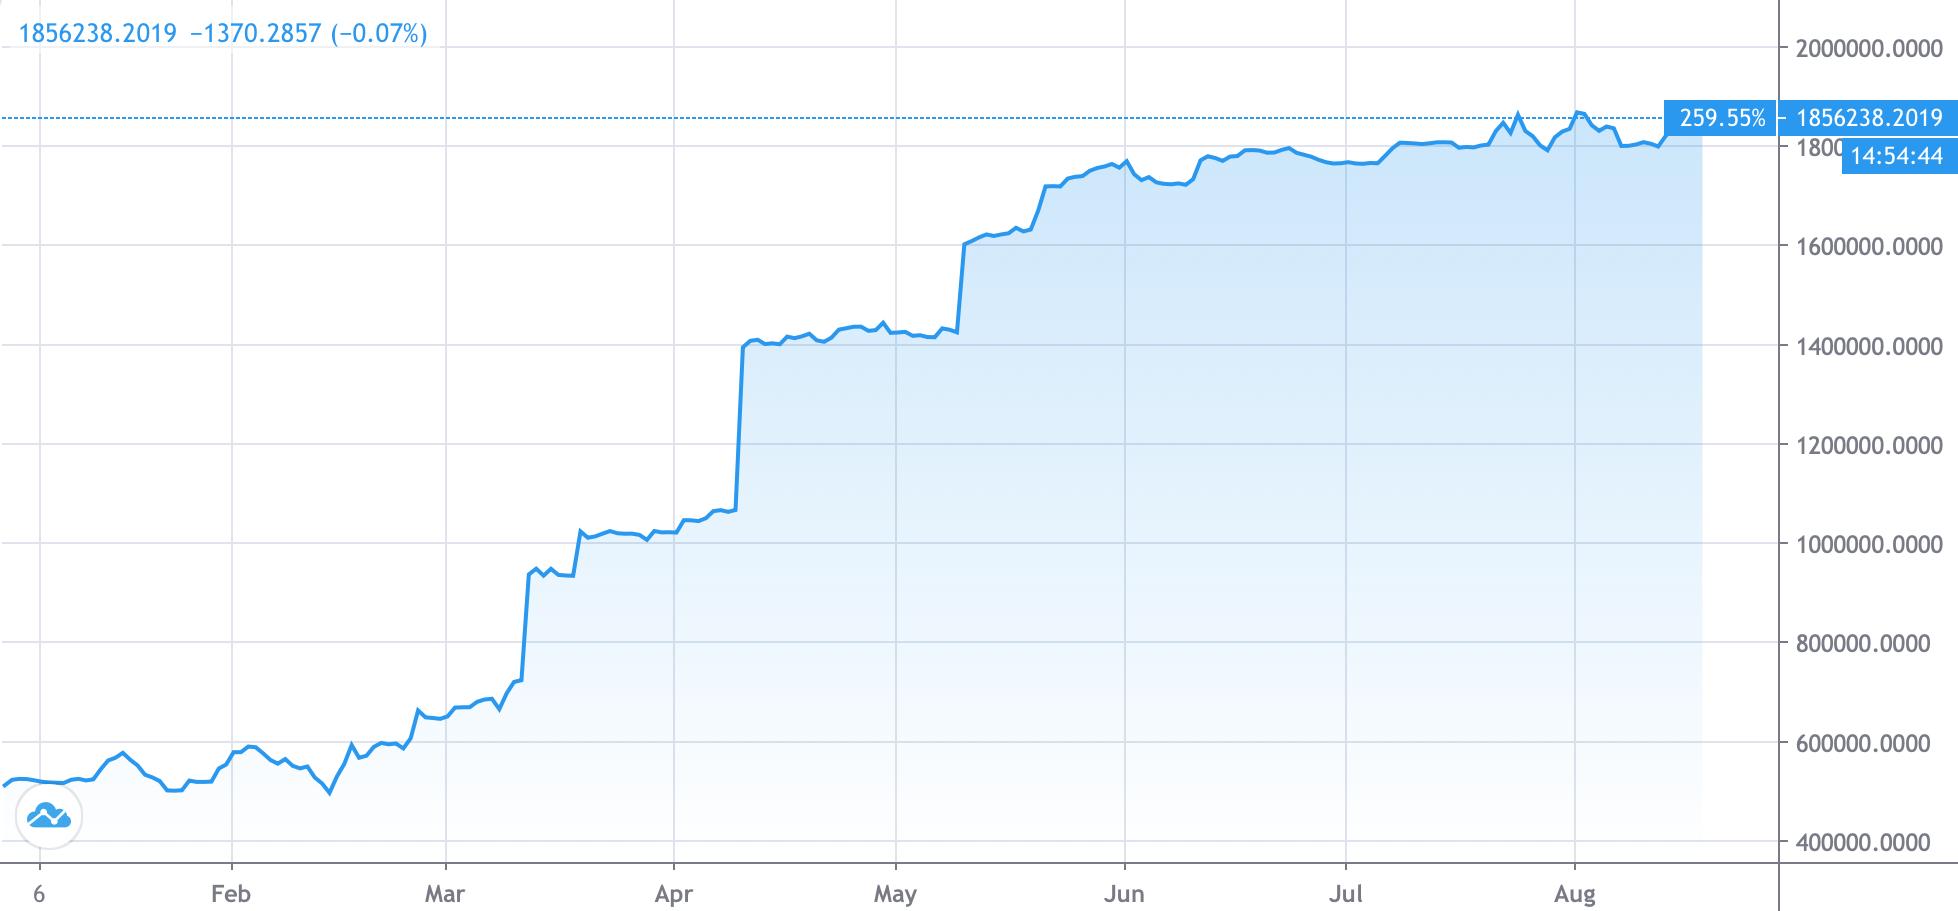 График количества длинных позиций на ETH на бирже Bitfinex